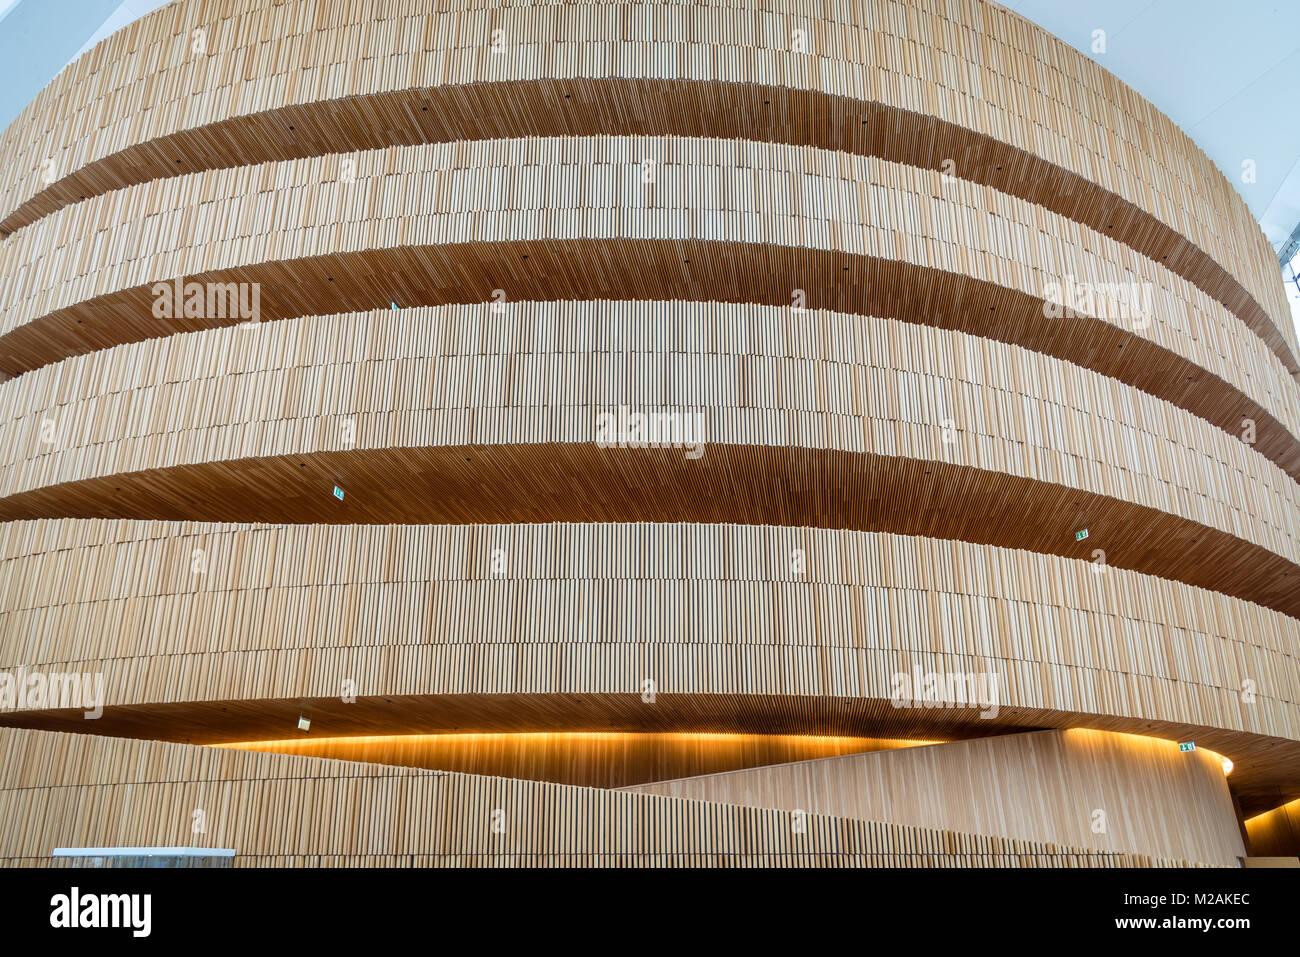 Inside Oslo Opera HOuse, Oslo, Norway - Stock Image